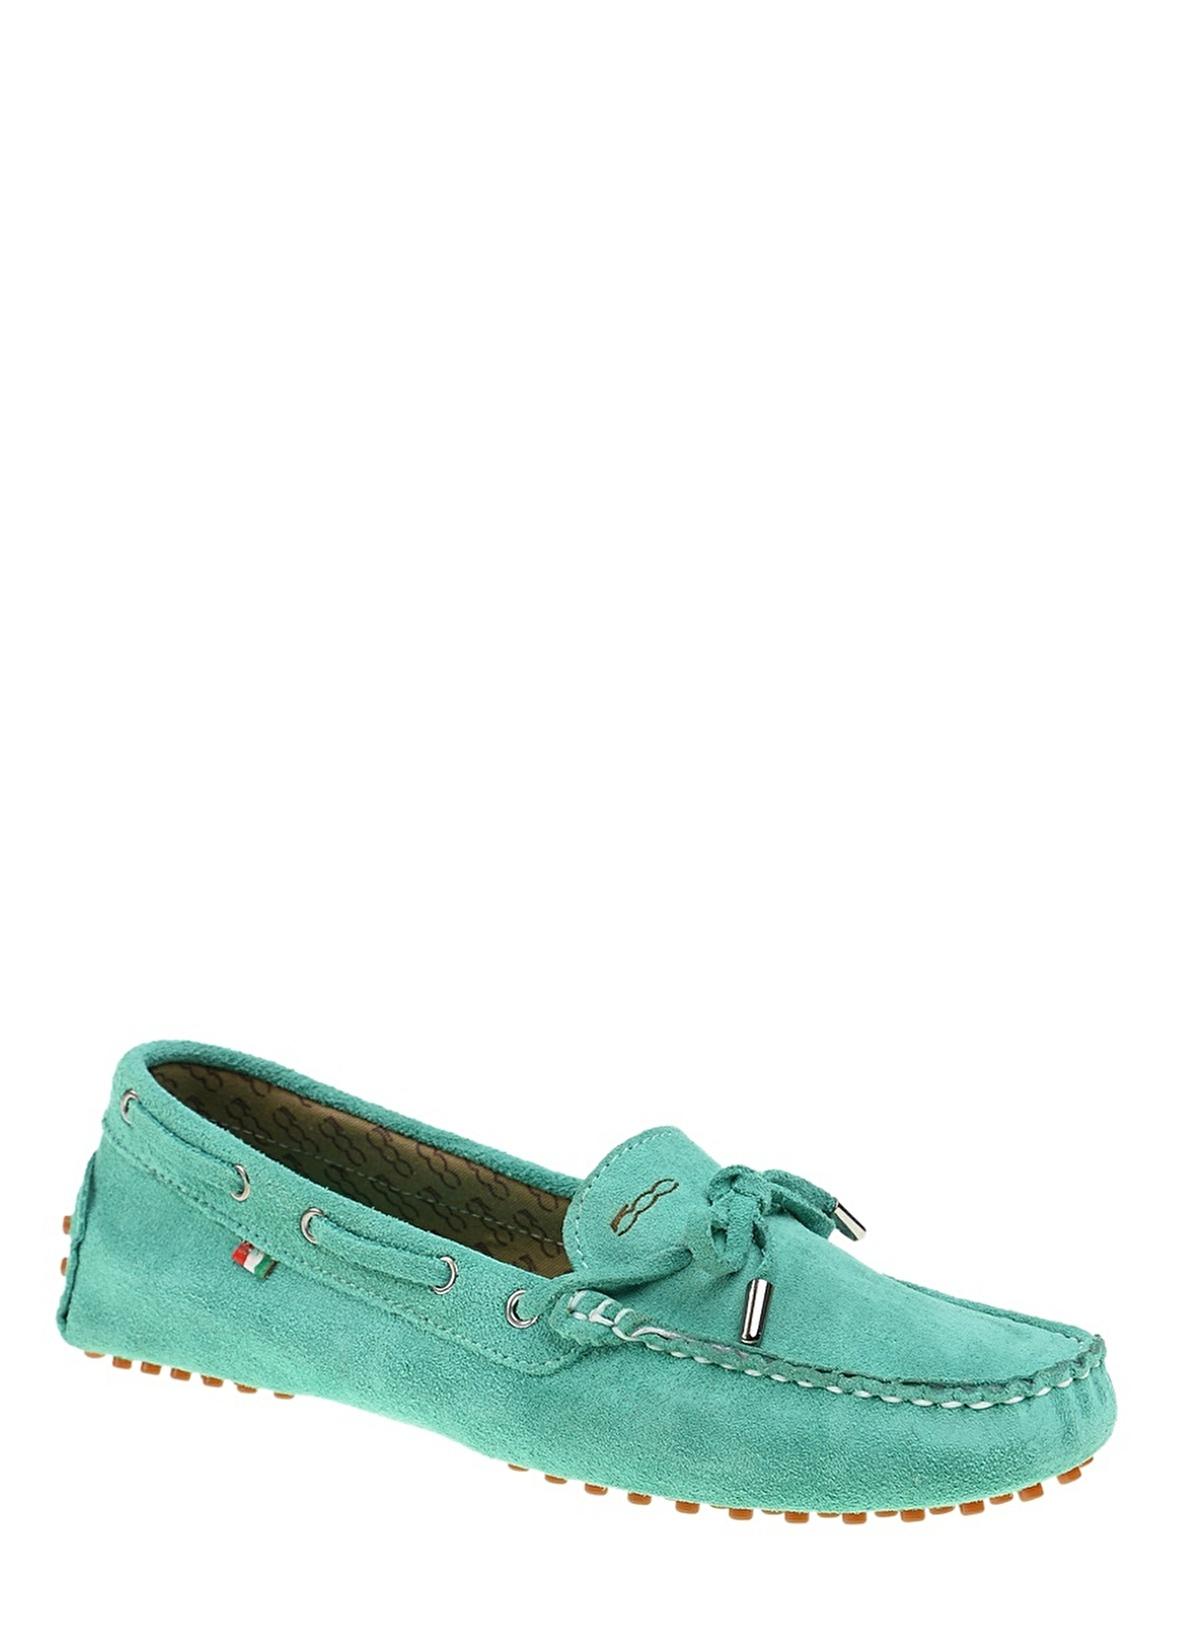 Divarese Süet Loafer Ayakkabı 5020230-k-loafer – 135.0 TL